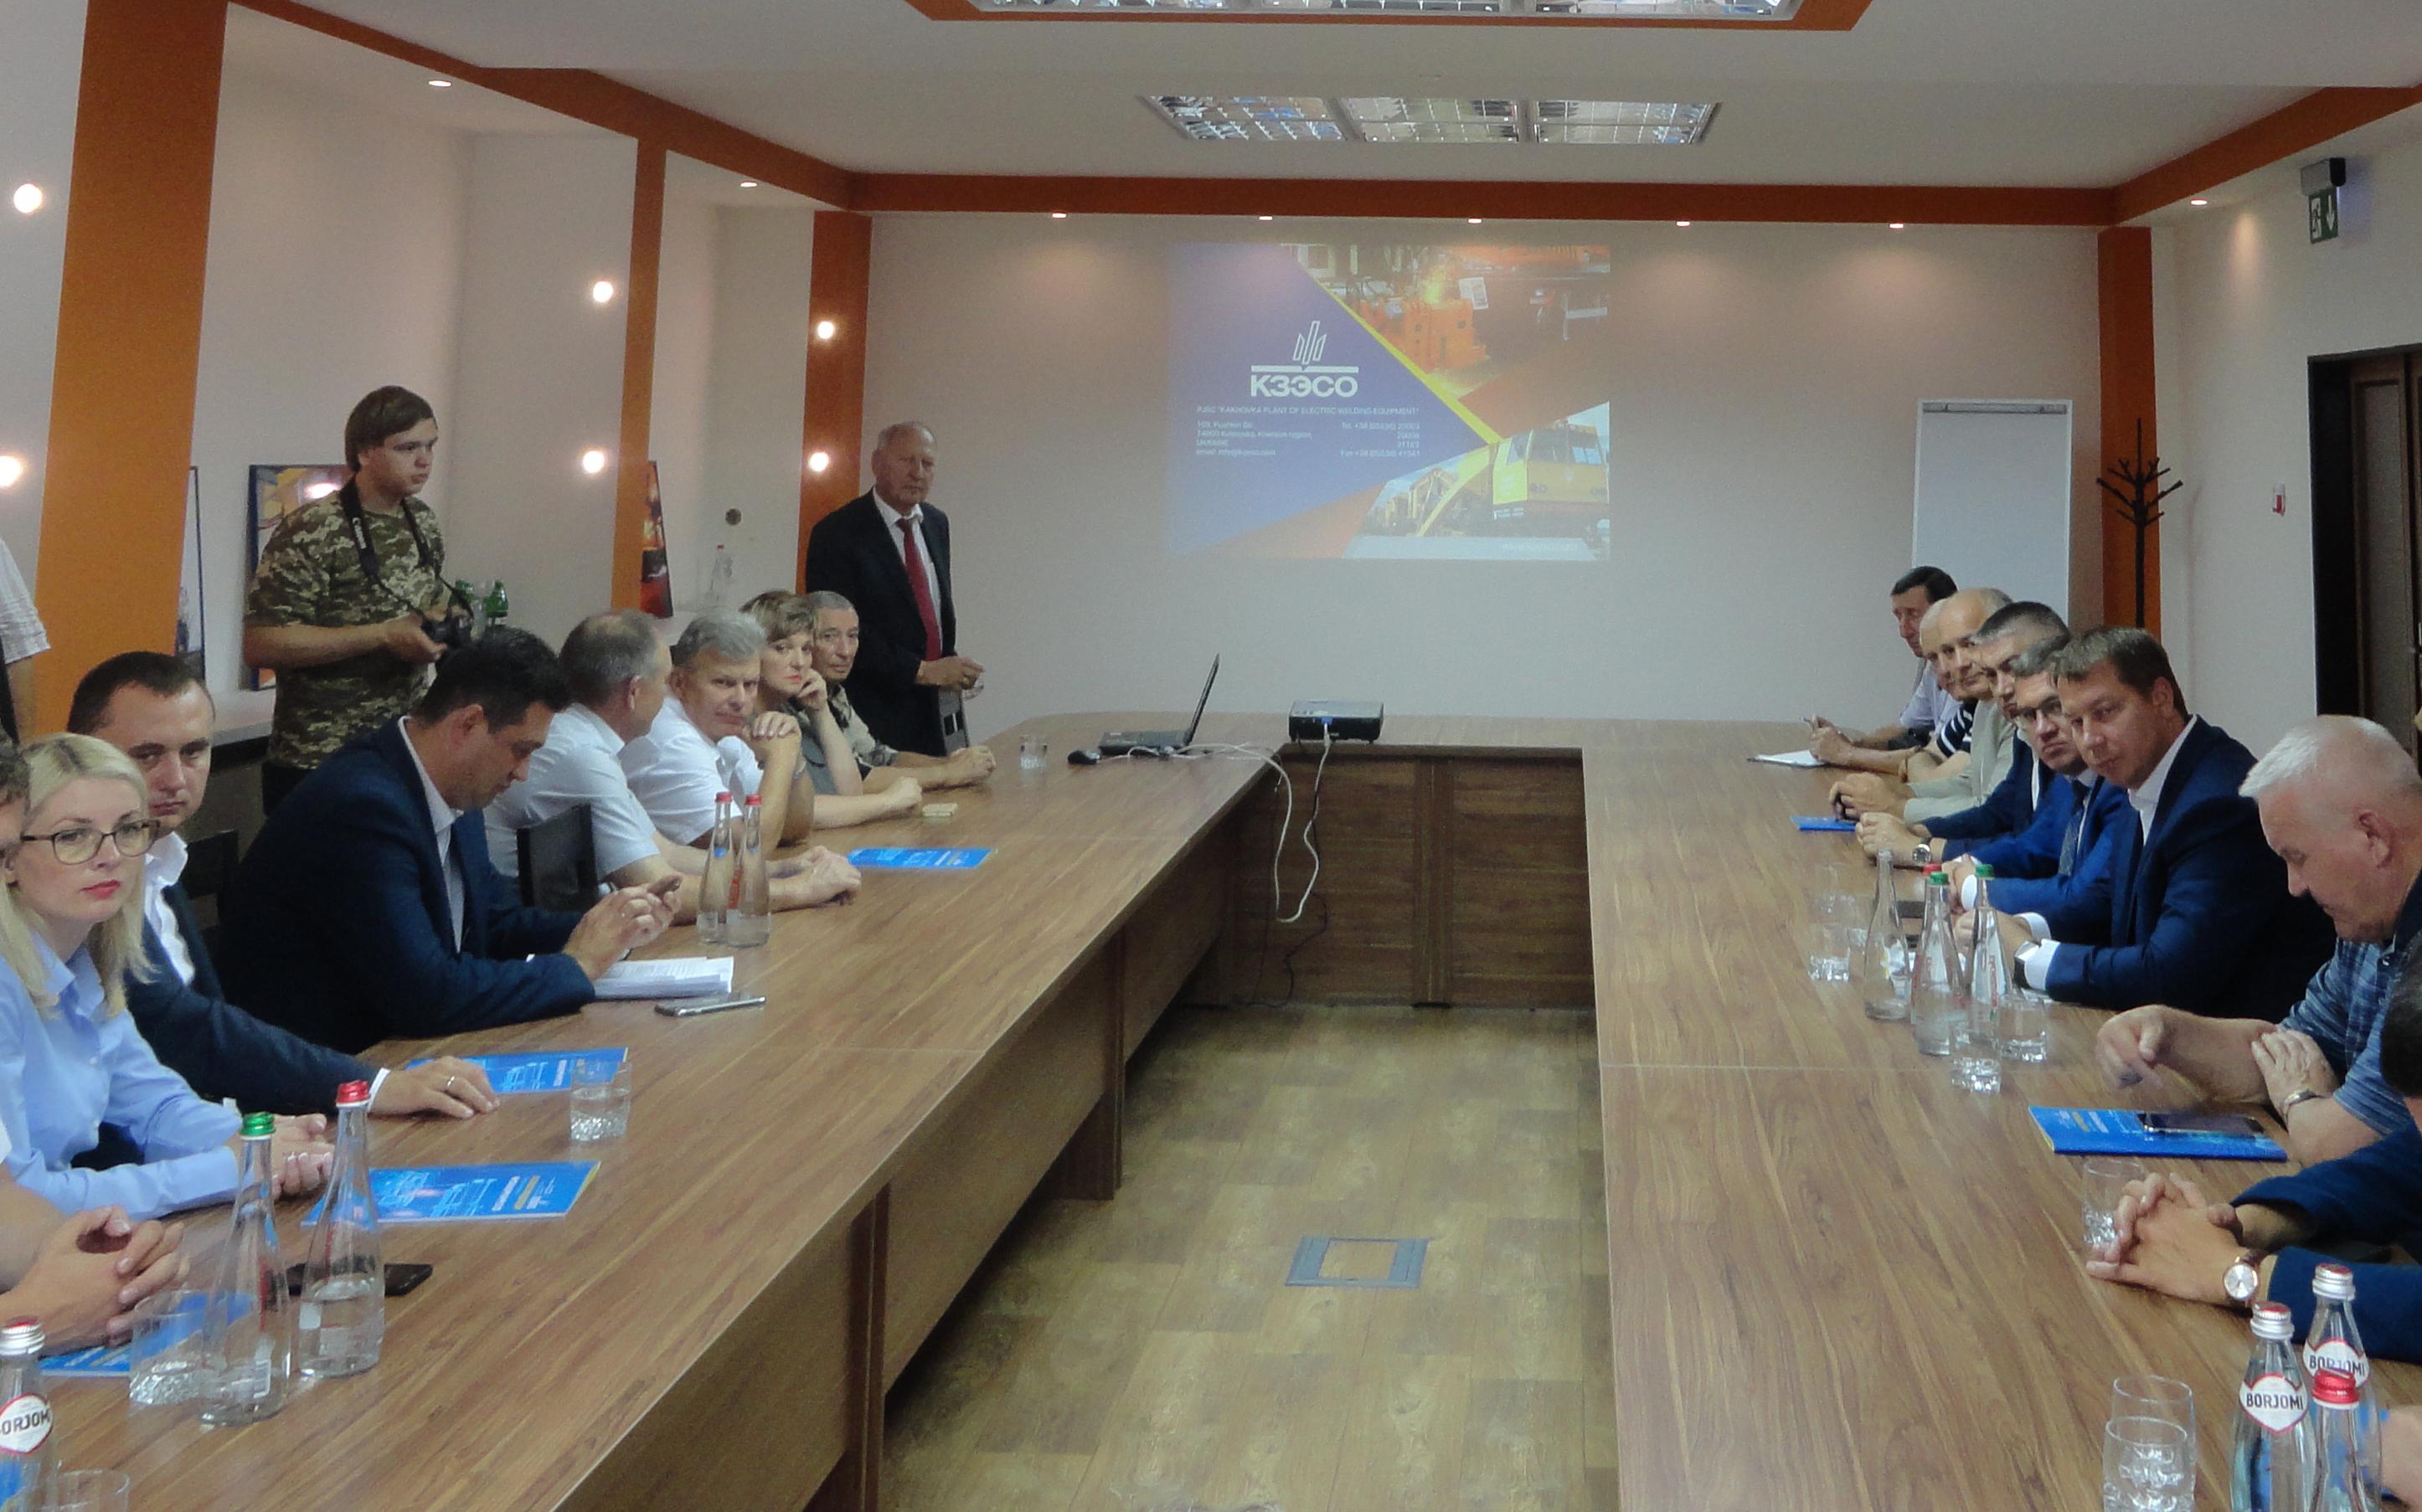 ГлаваХерсонскойОГААндрейГордеев, его первый заместитель Евгений Рыщук в составе большой делегации впервые посетили флагман машиностроения Украины